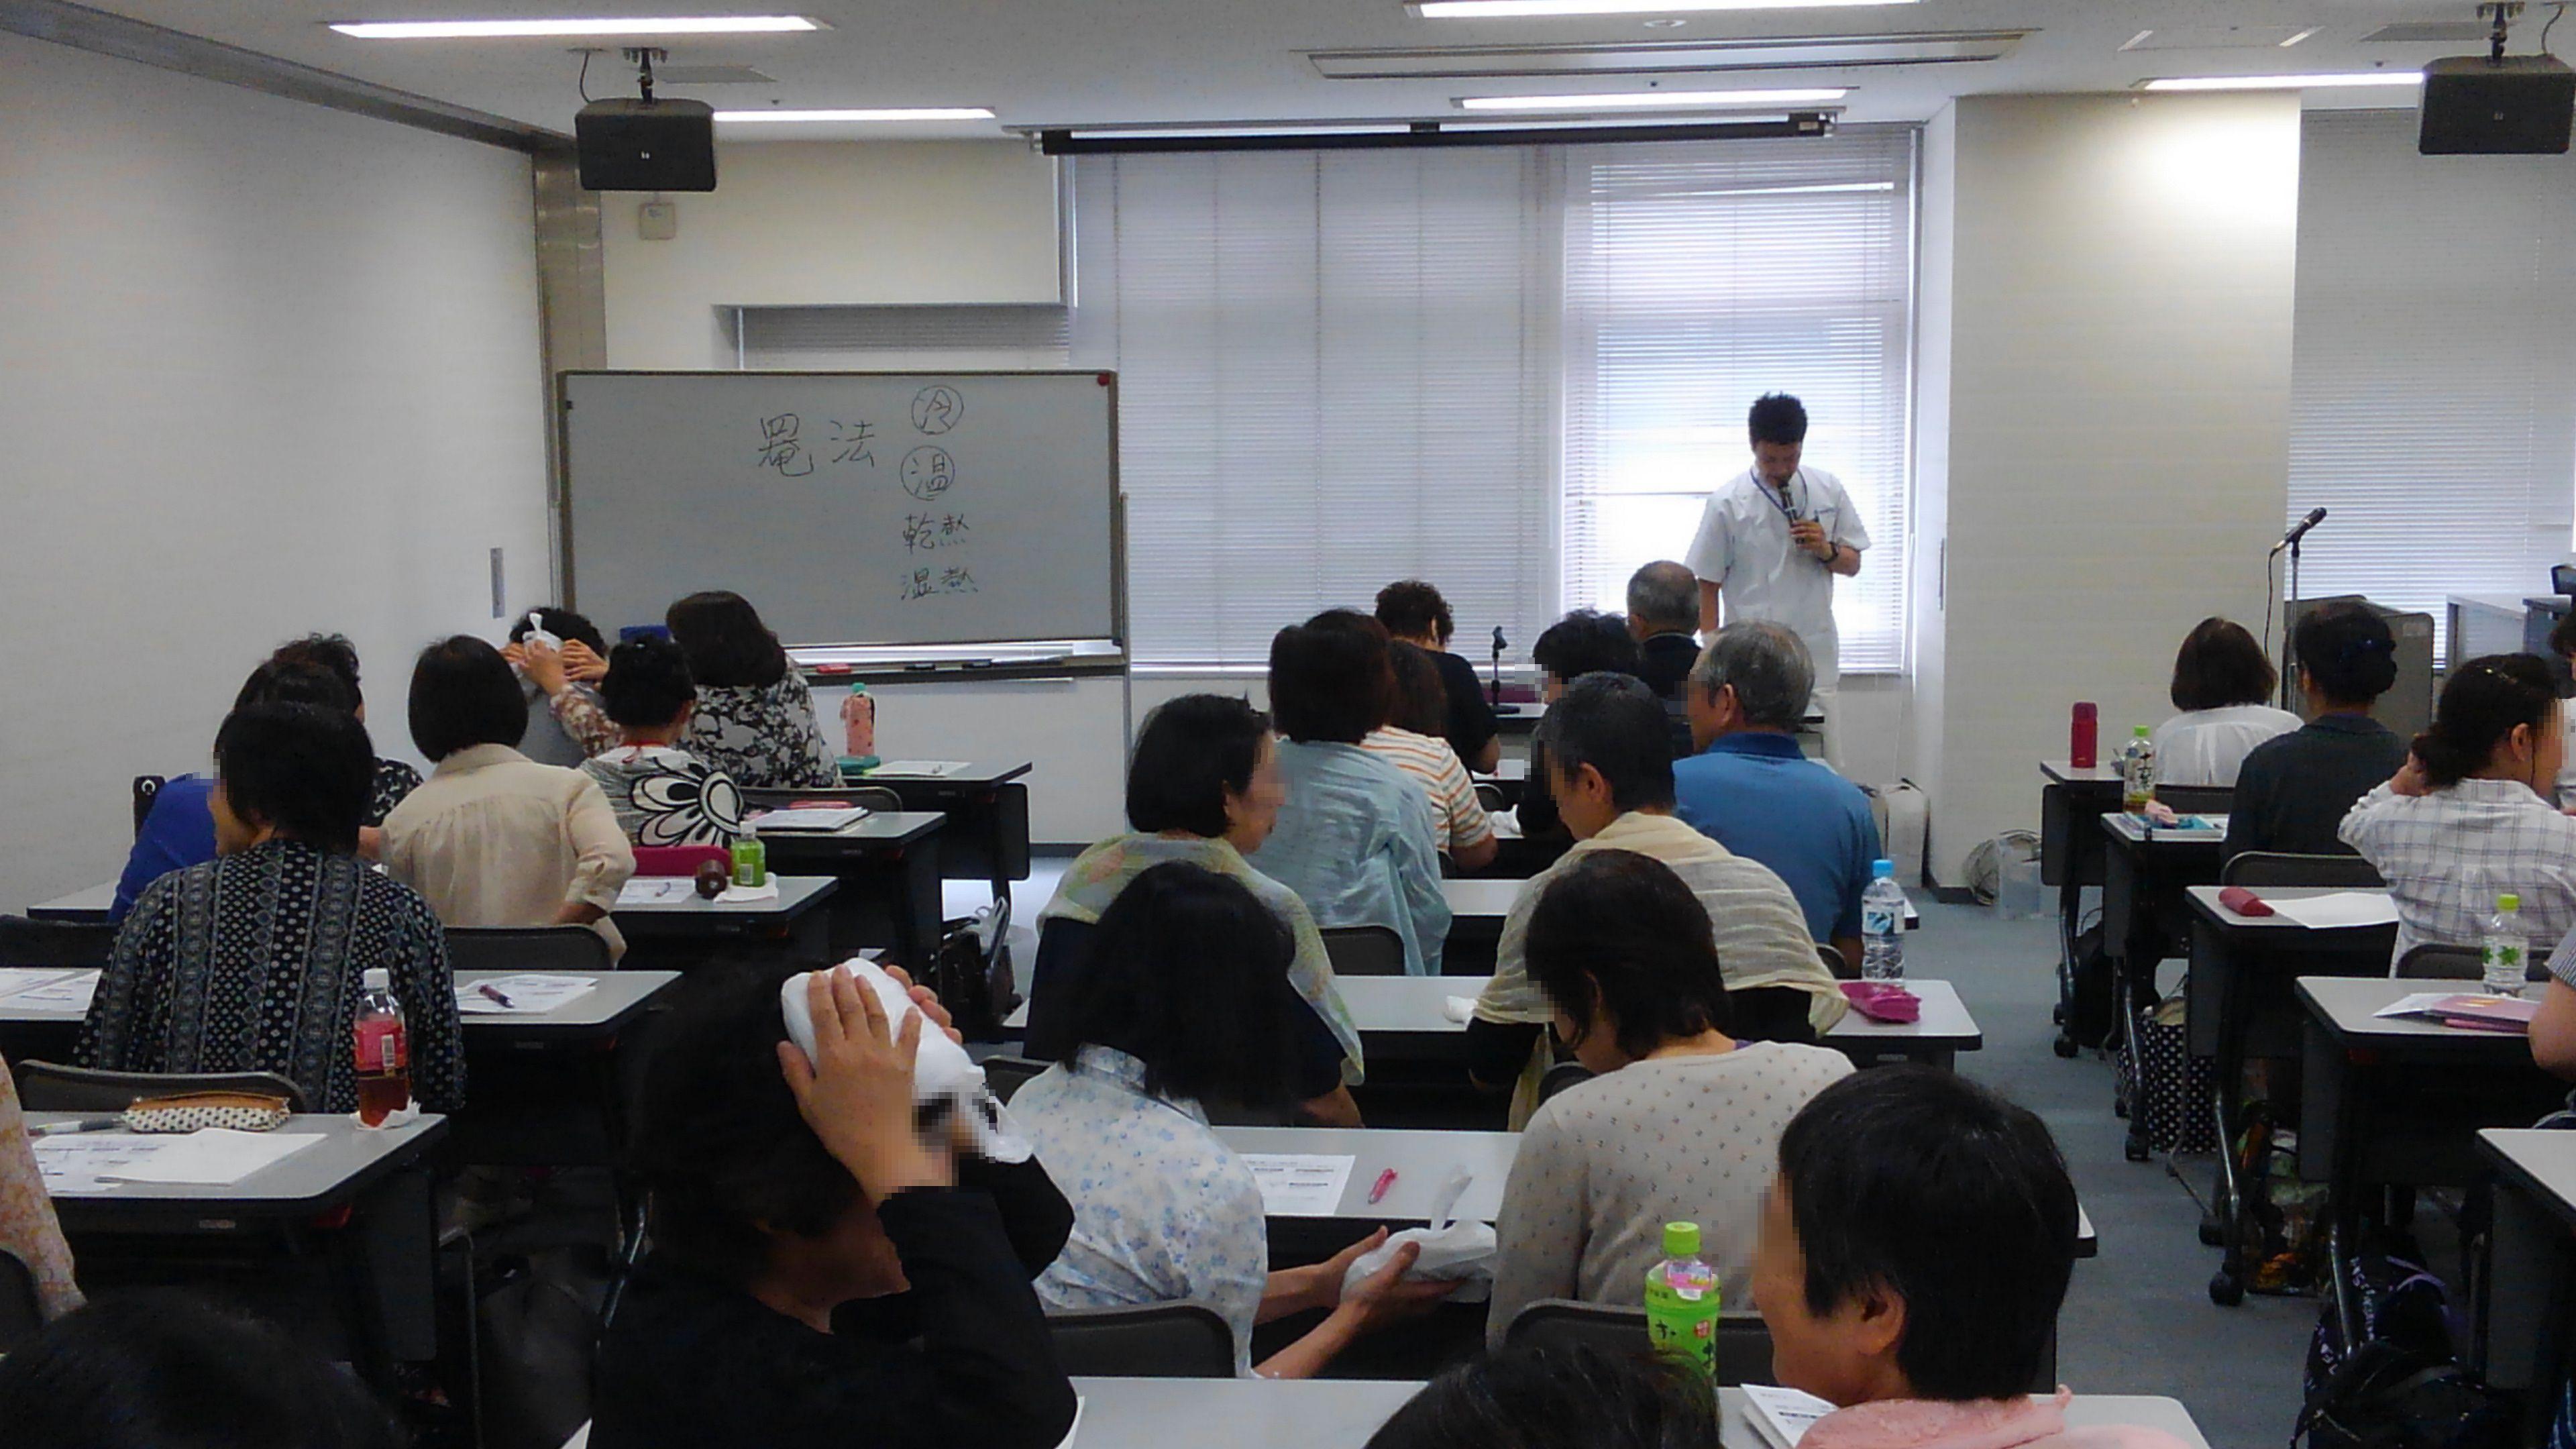 訪問マッサージ 東京在宅サービスの研修会活動/セラピューティックケア協会